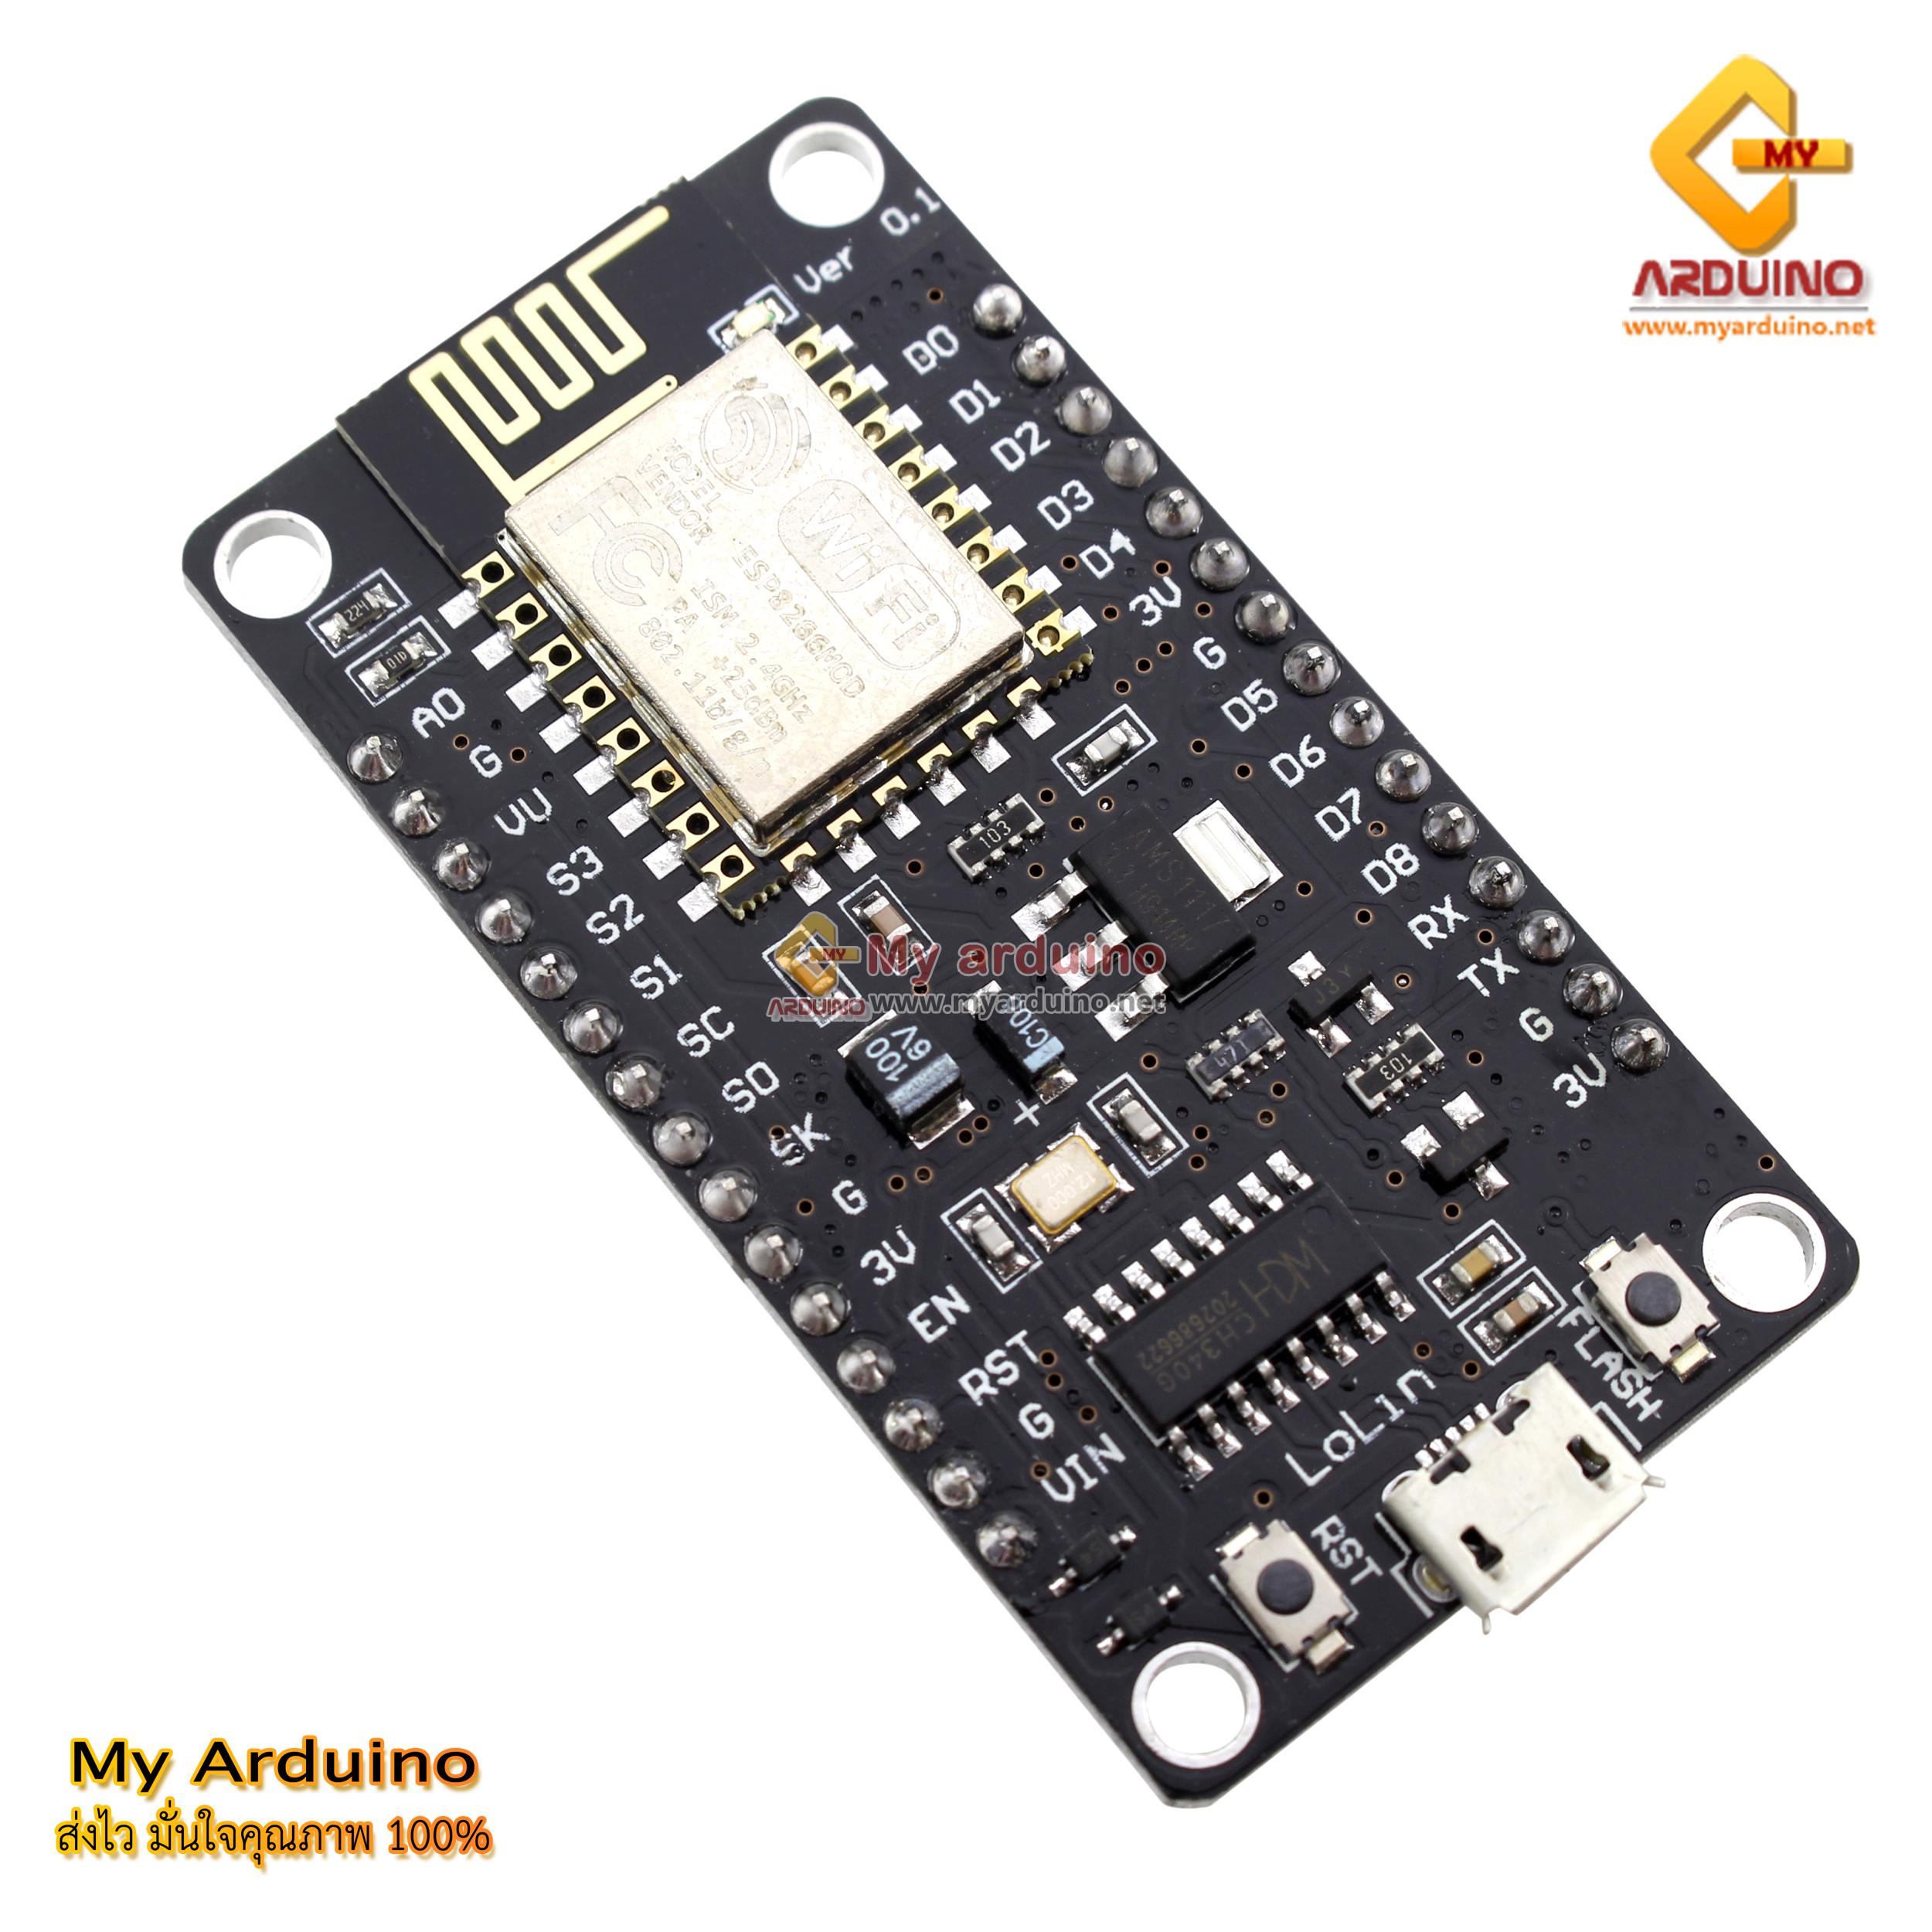 NodeMcu Lua CH340G ESP8266 WIFI Internet Development Board Module M